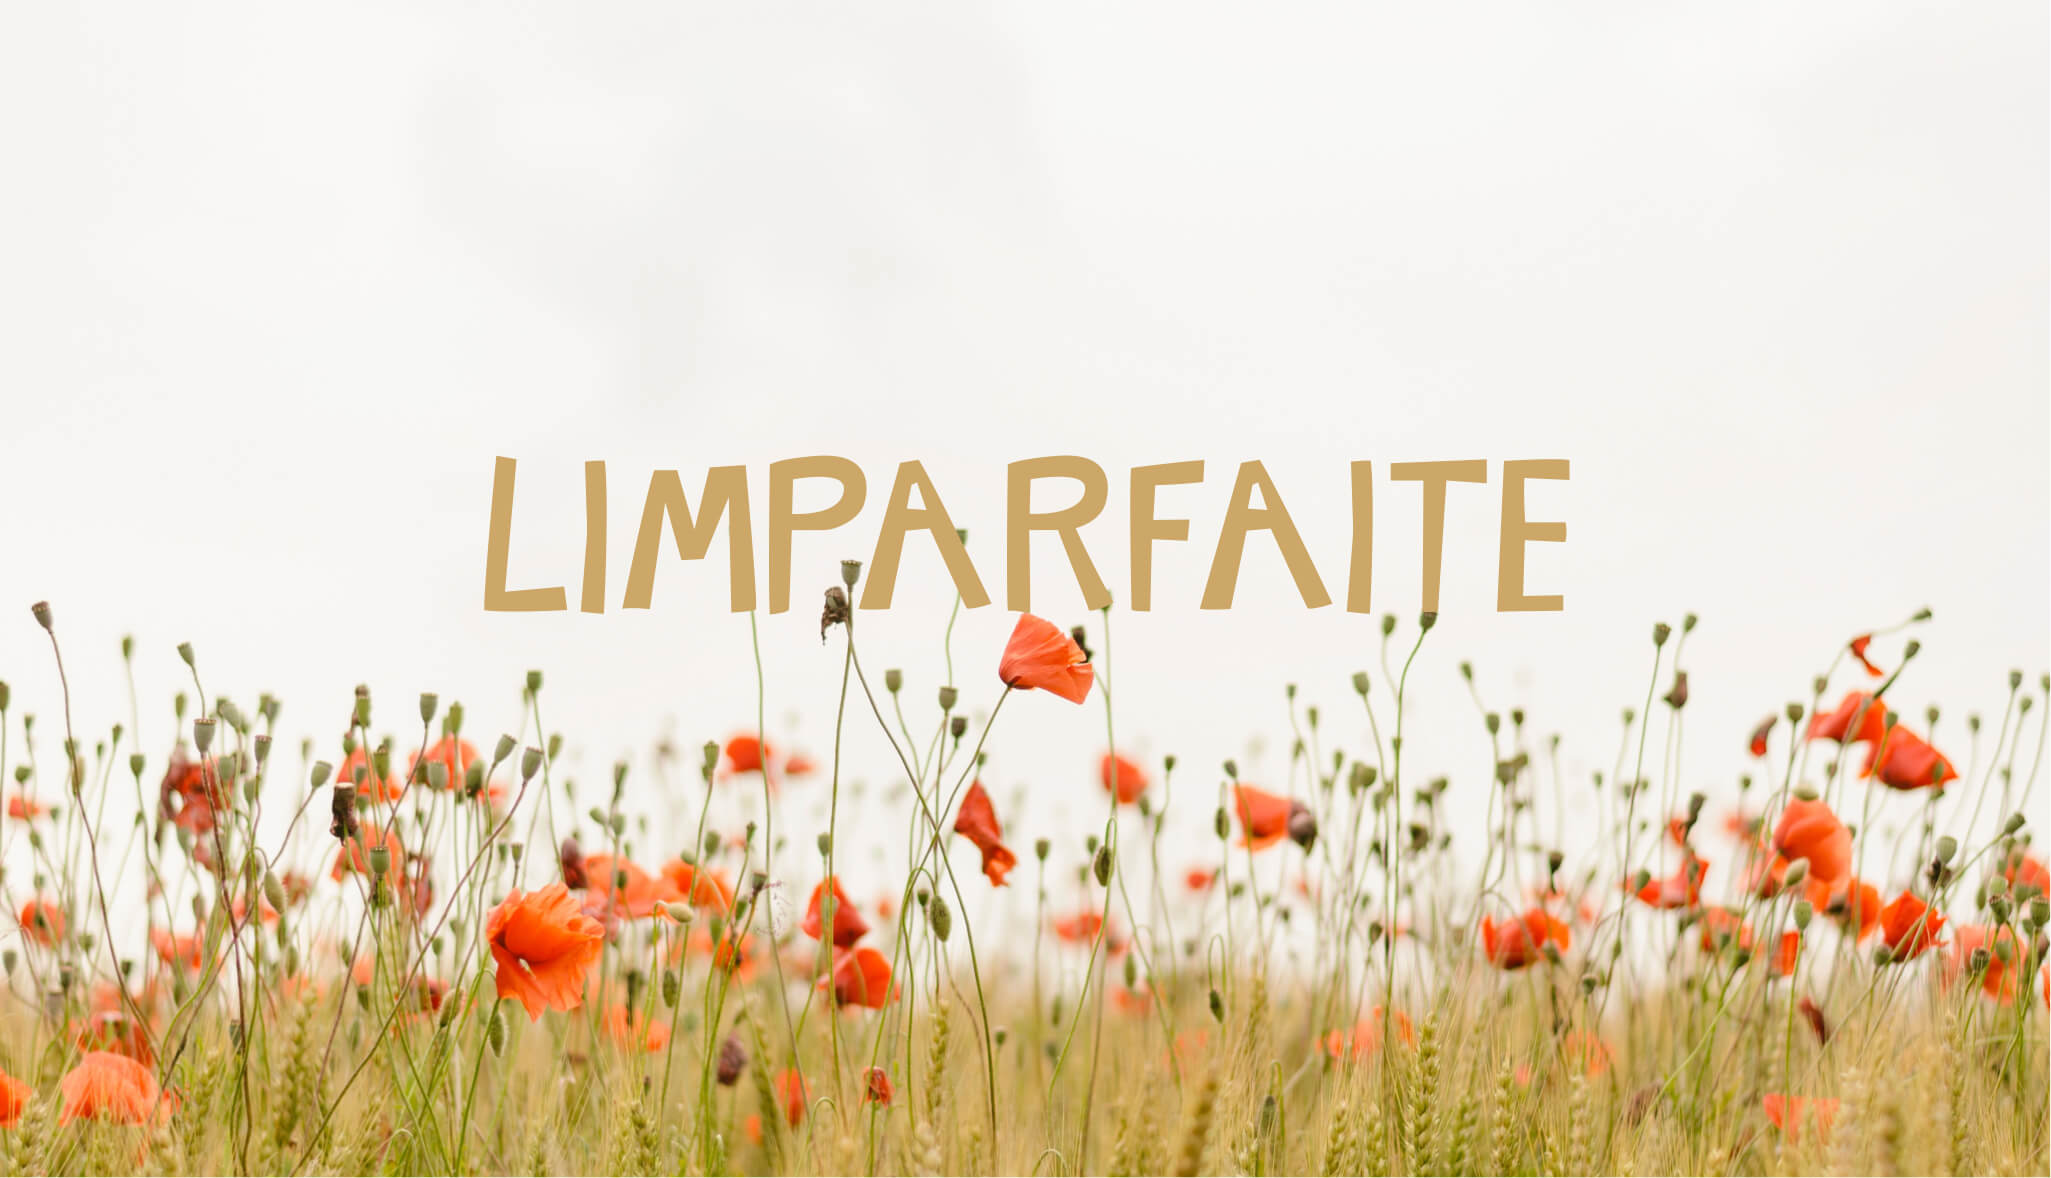 LIMPARFAITE-Typographie-Gratuite-Design-Antoine-Peltier-04